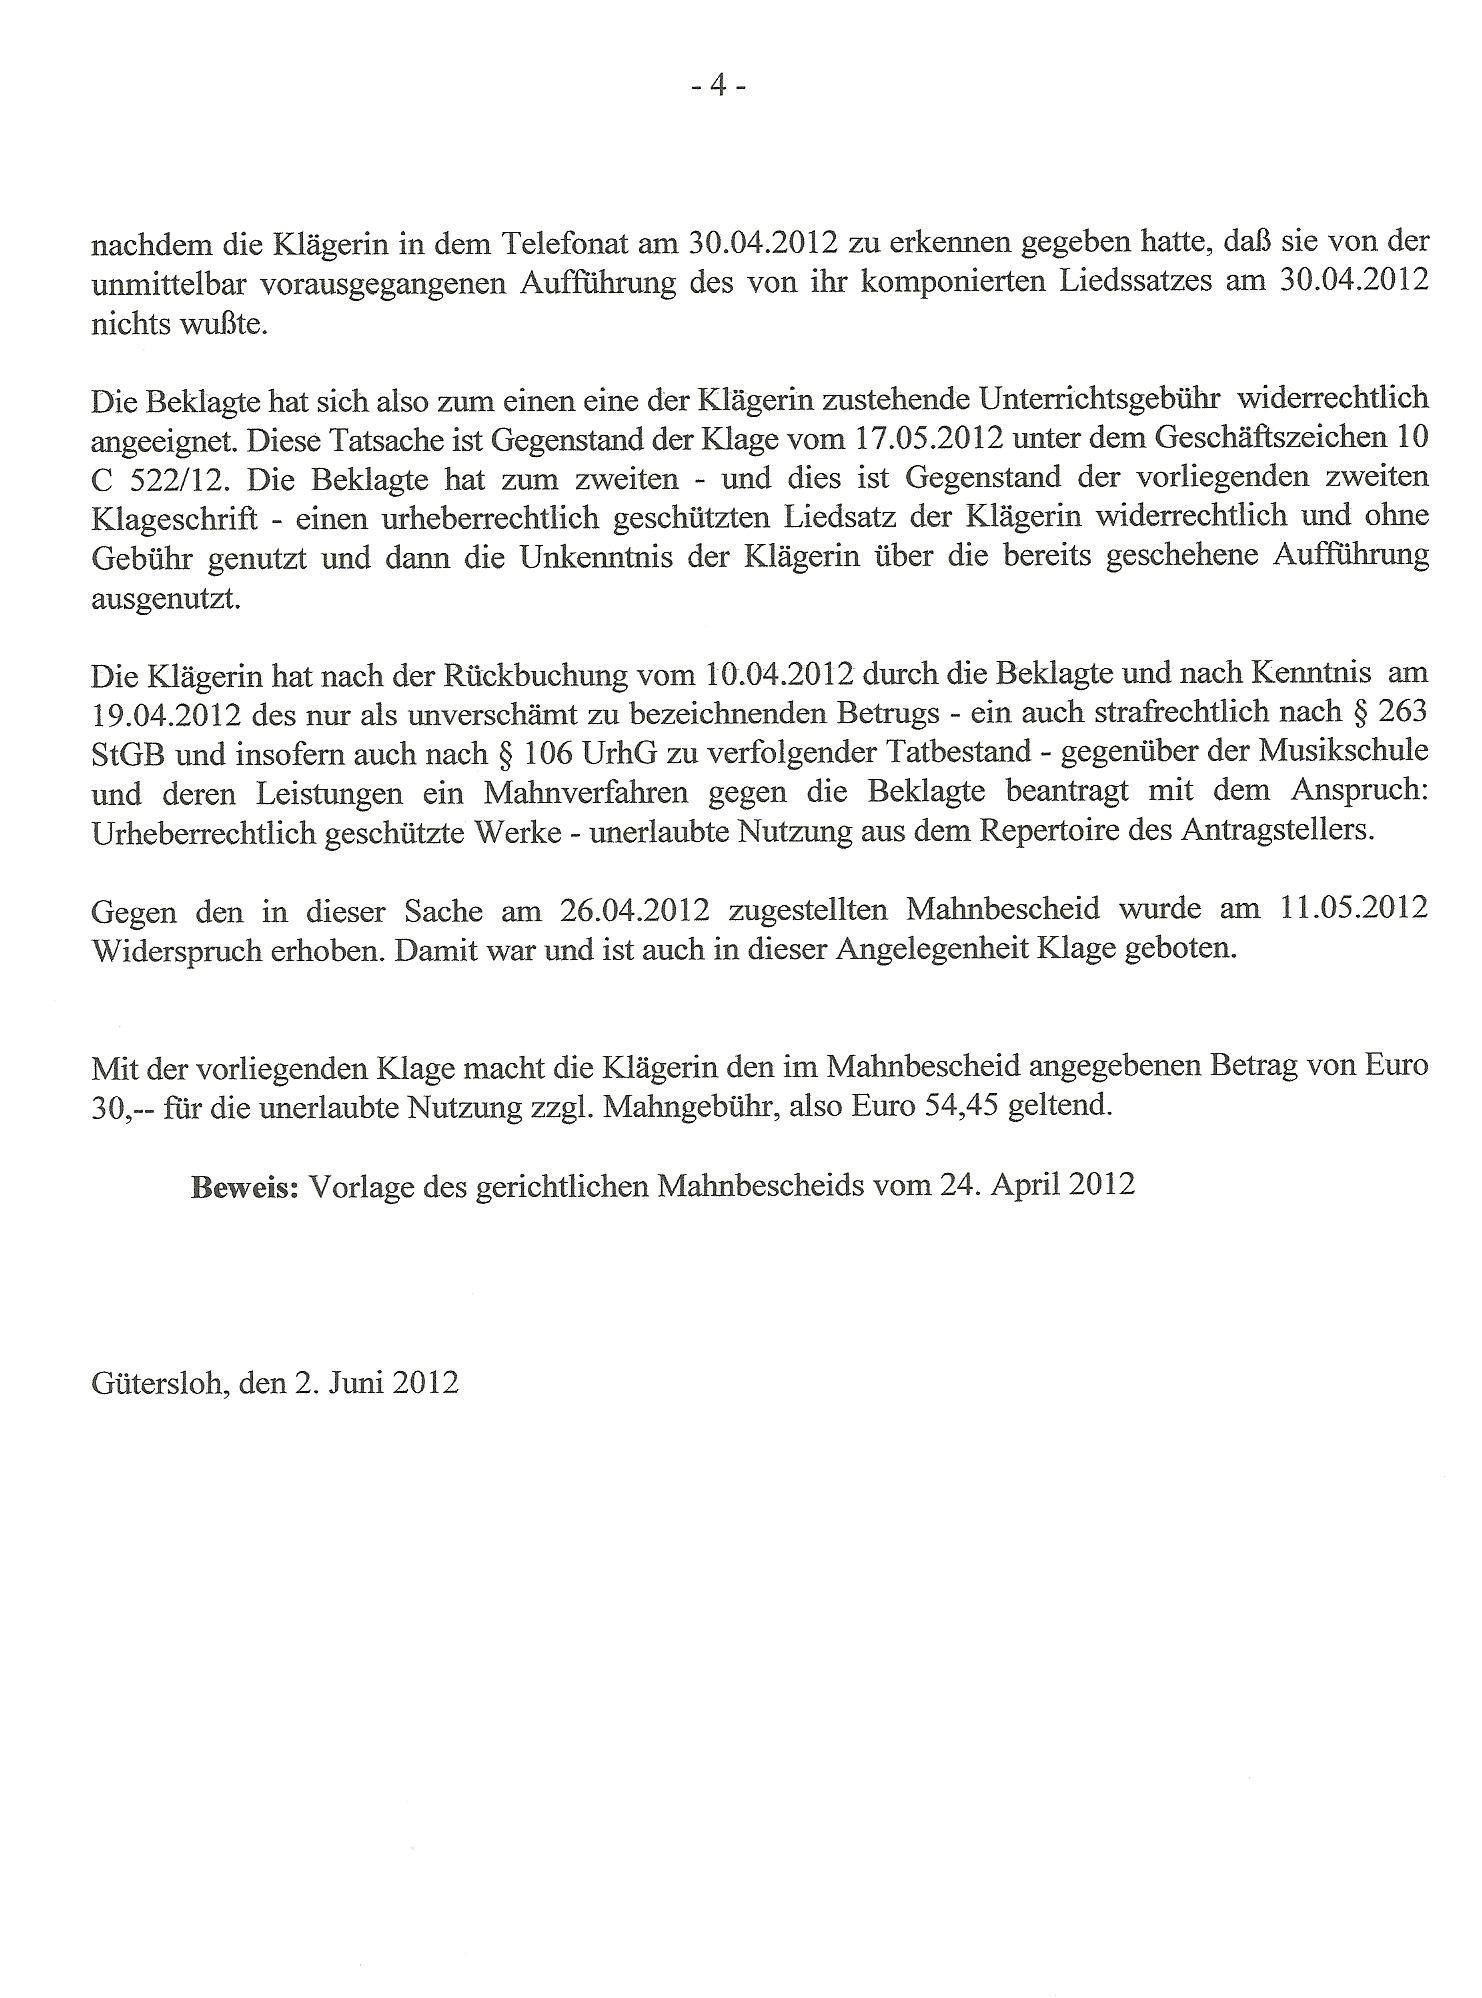 Outstanding Nur Buchhaltung Lebenslauf Collection - FORTSETZUNG ...